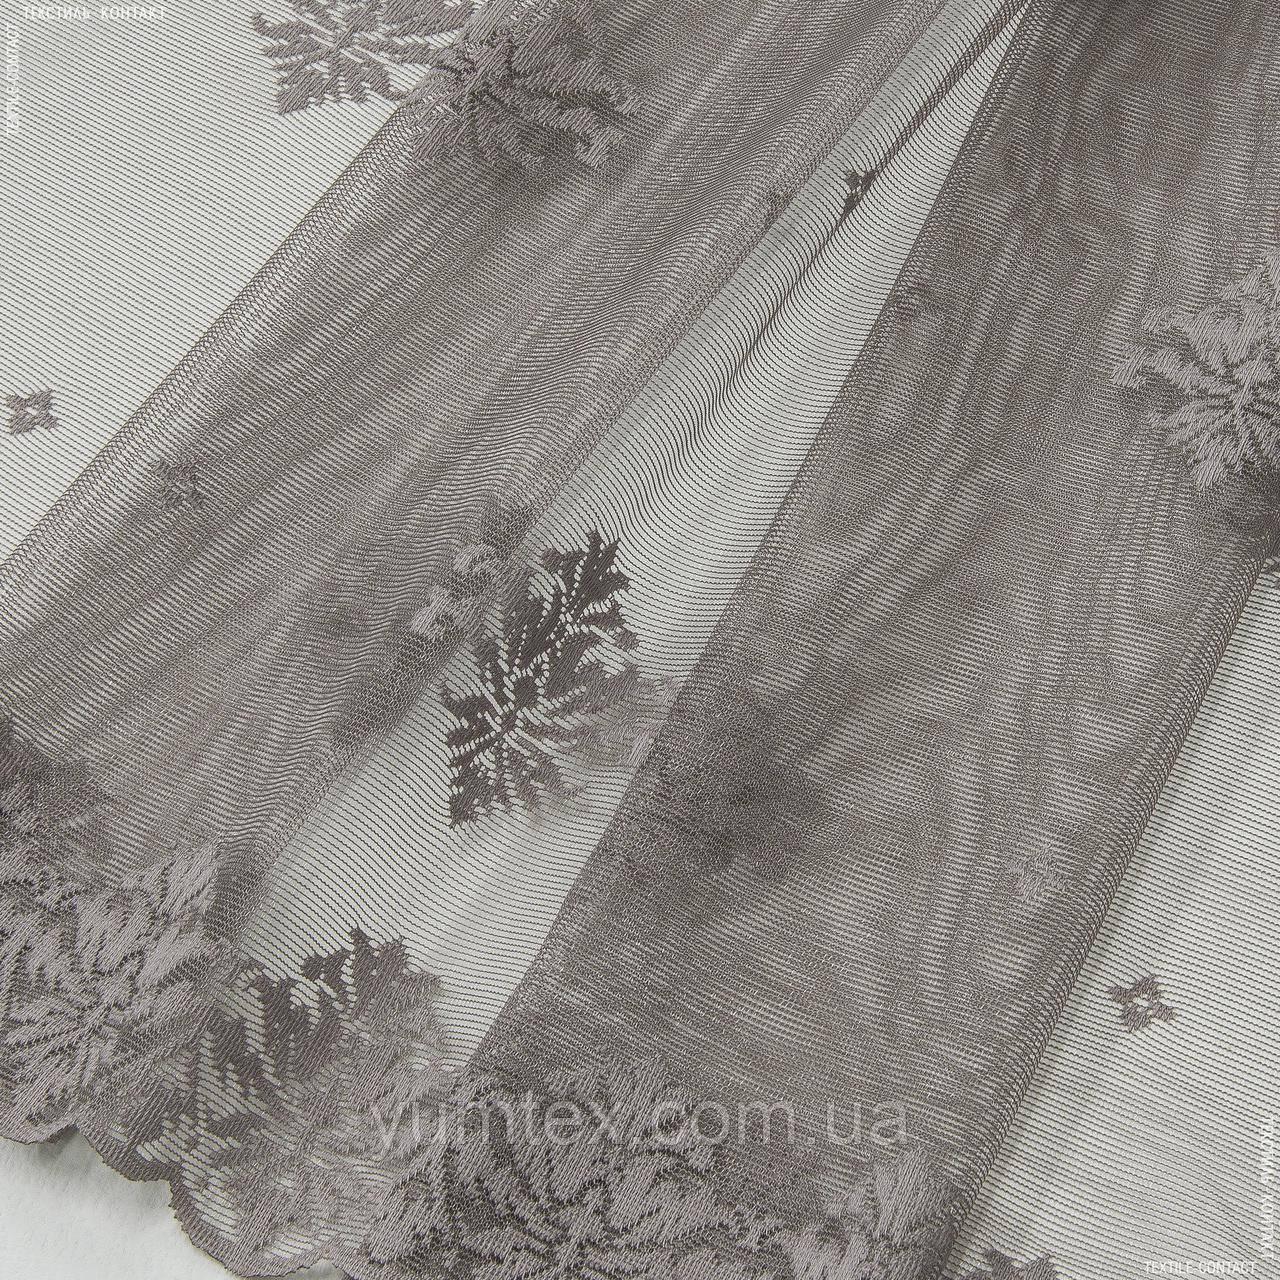 Гардинное полотно гипюр  лилия сизый 144864